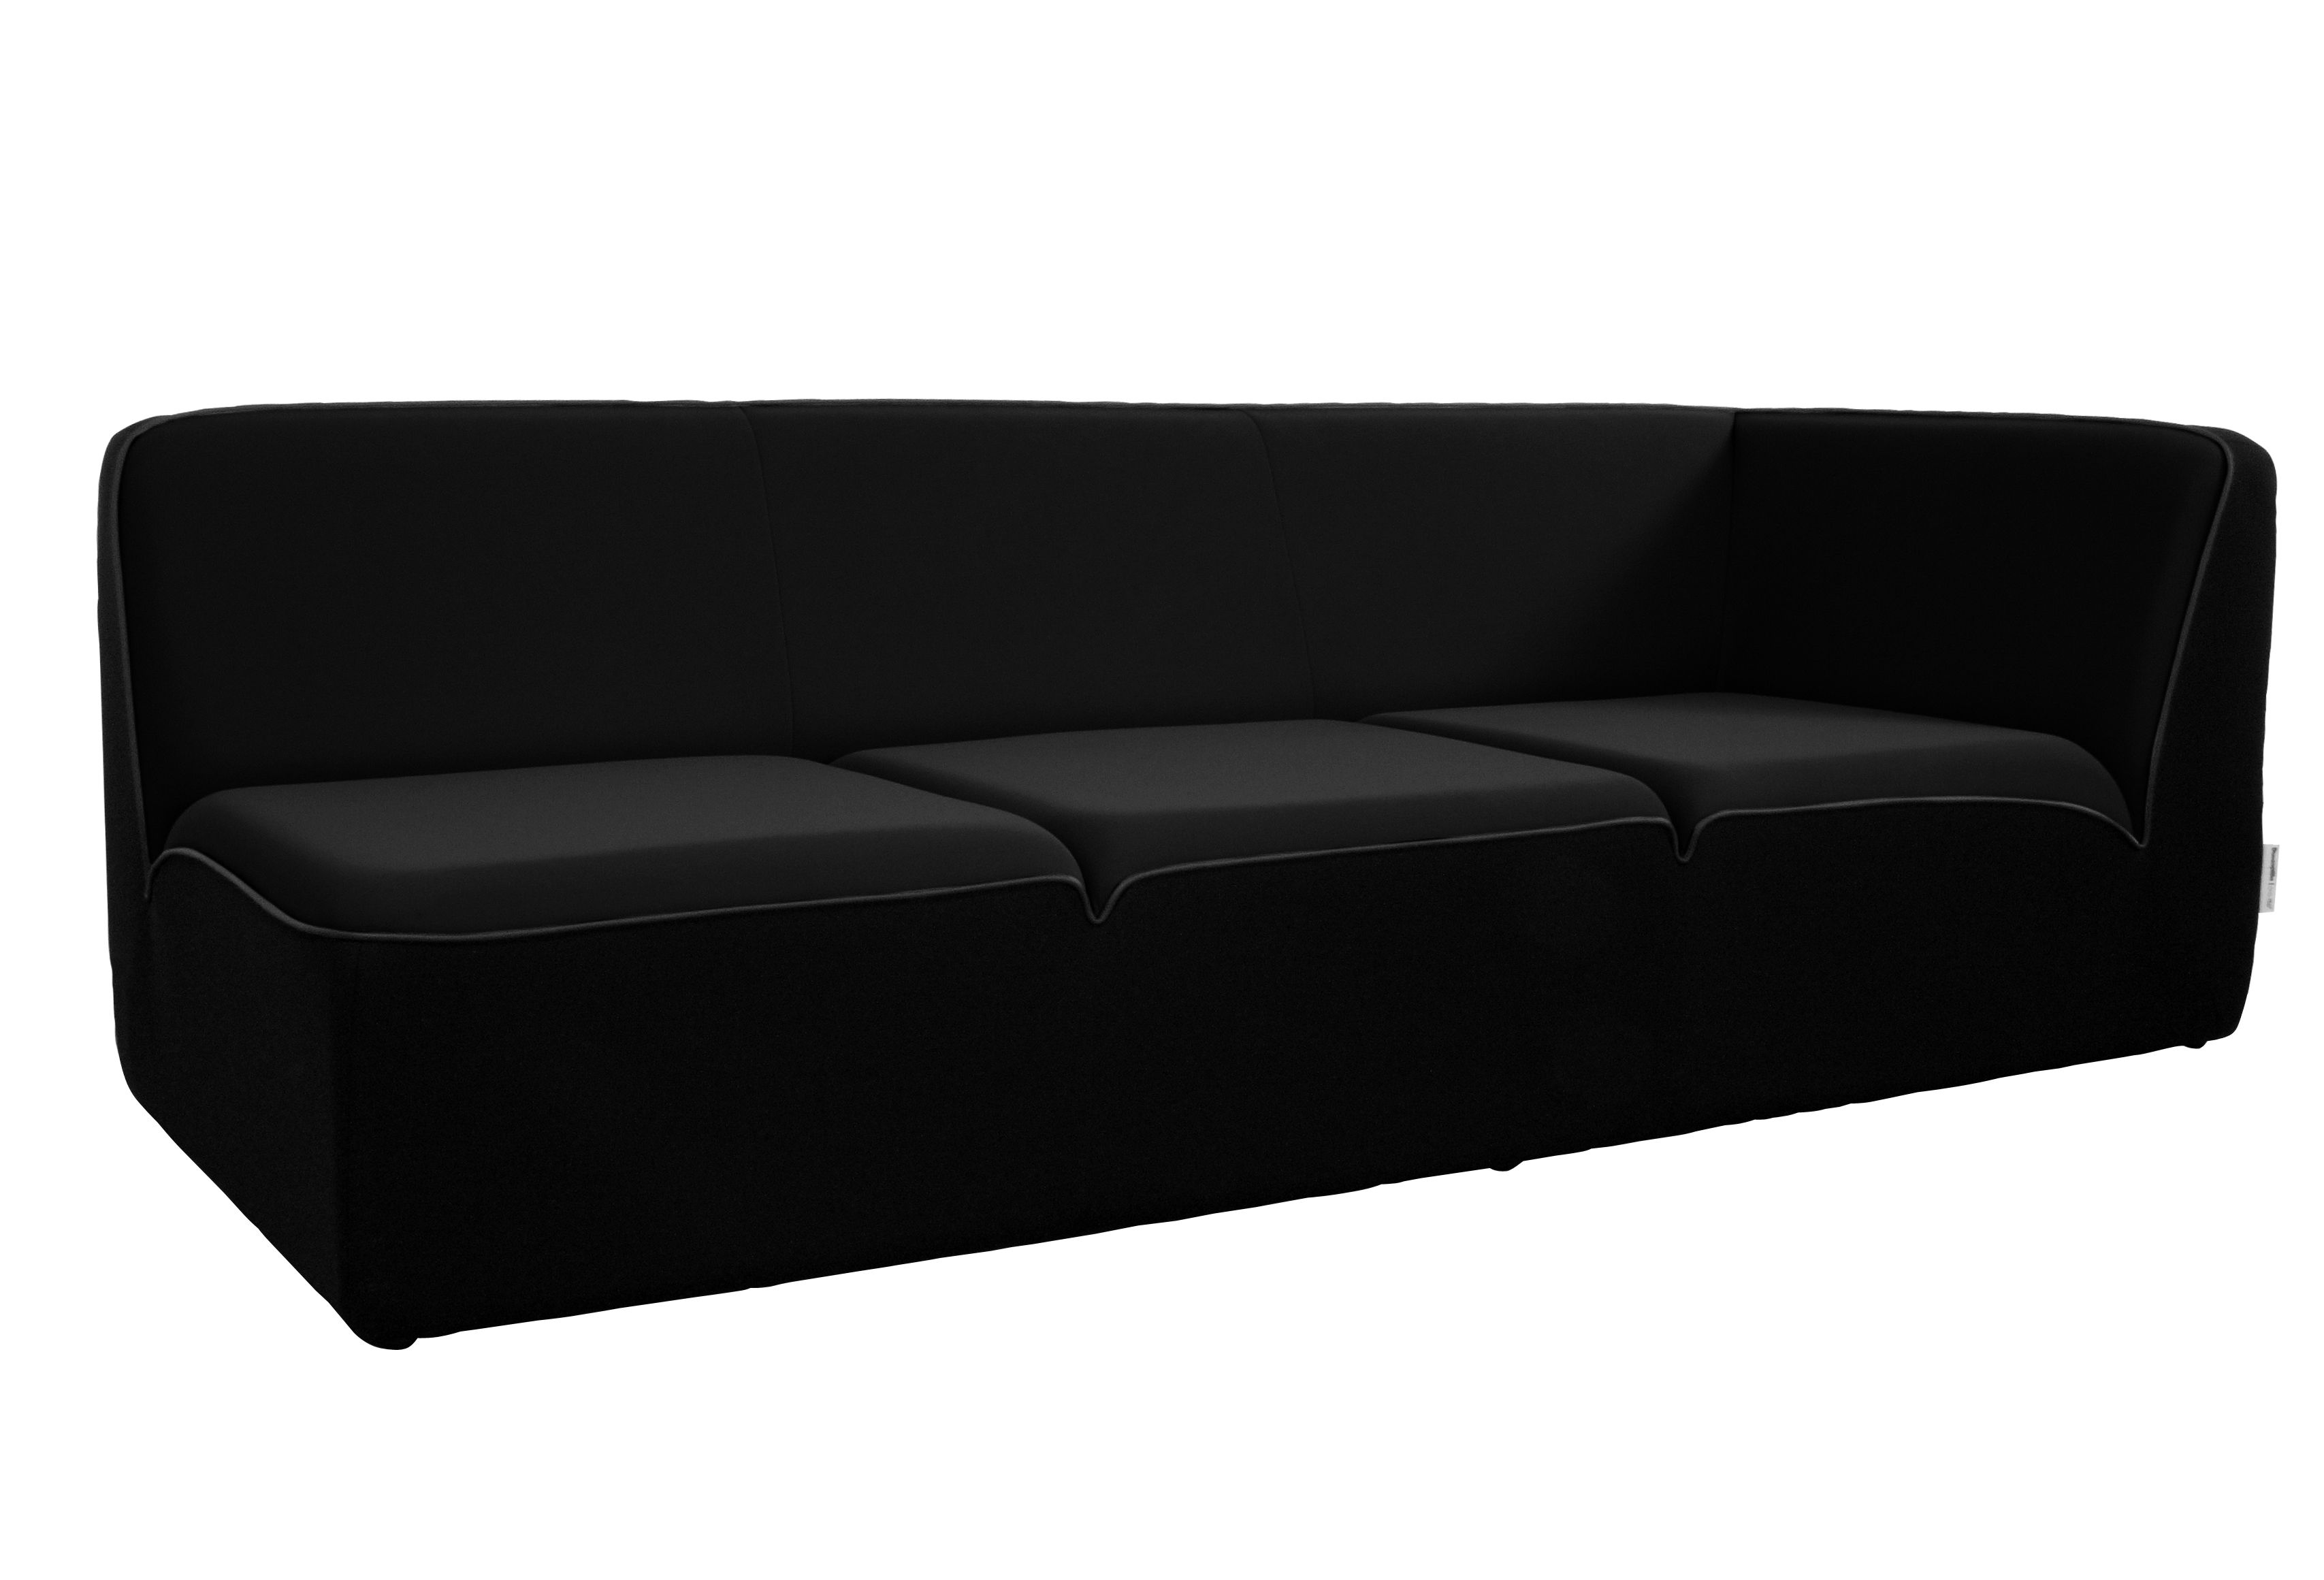 canap droit e motion by ora ito accoudoir droit l 212 cm noir passepoil noir mat dunlopillo. Black Bedroom Furniture Sets. Home Design Ideas